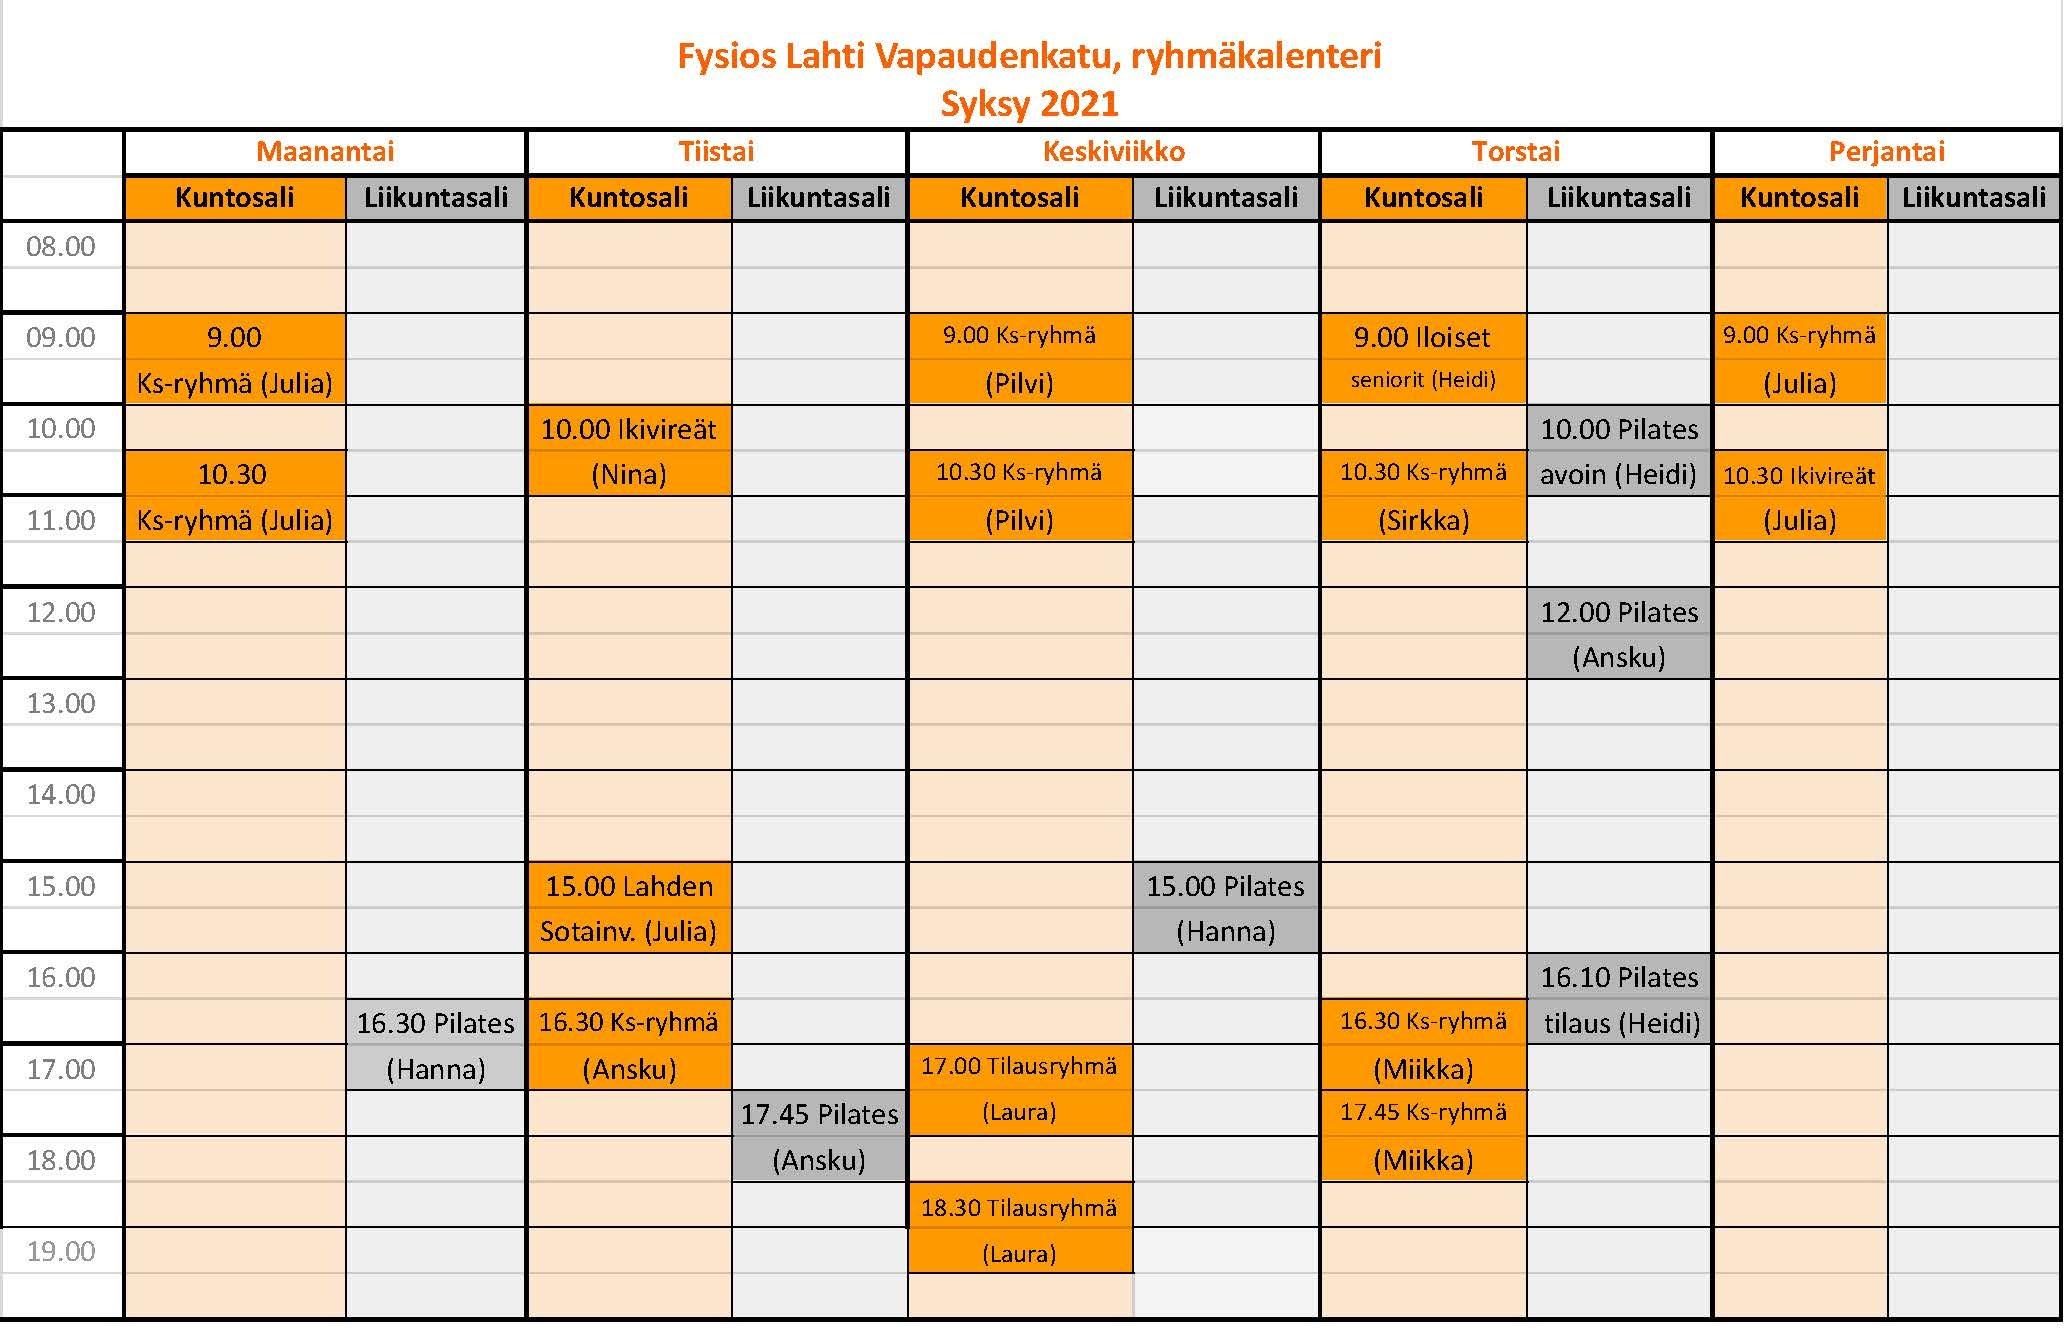 Fysios Lahti Vapaudenkatu, ryhmäkalenteri